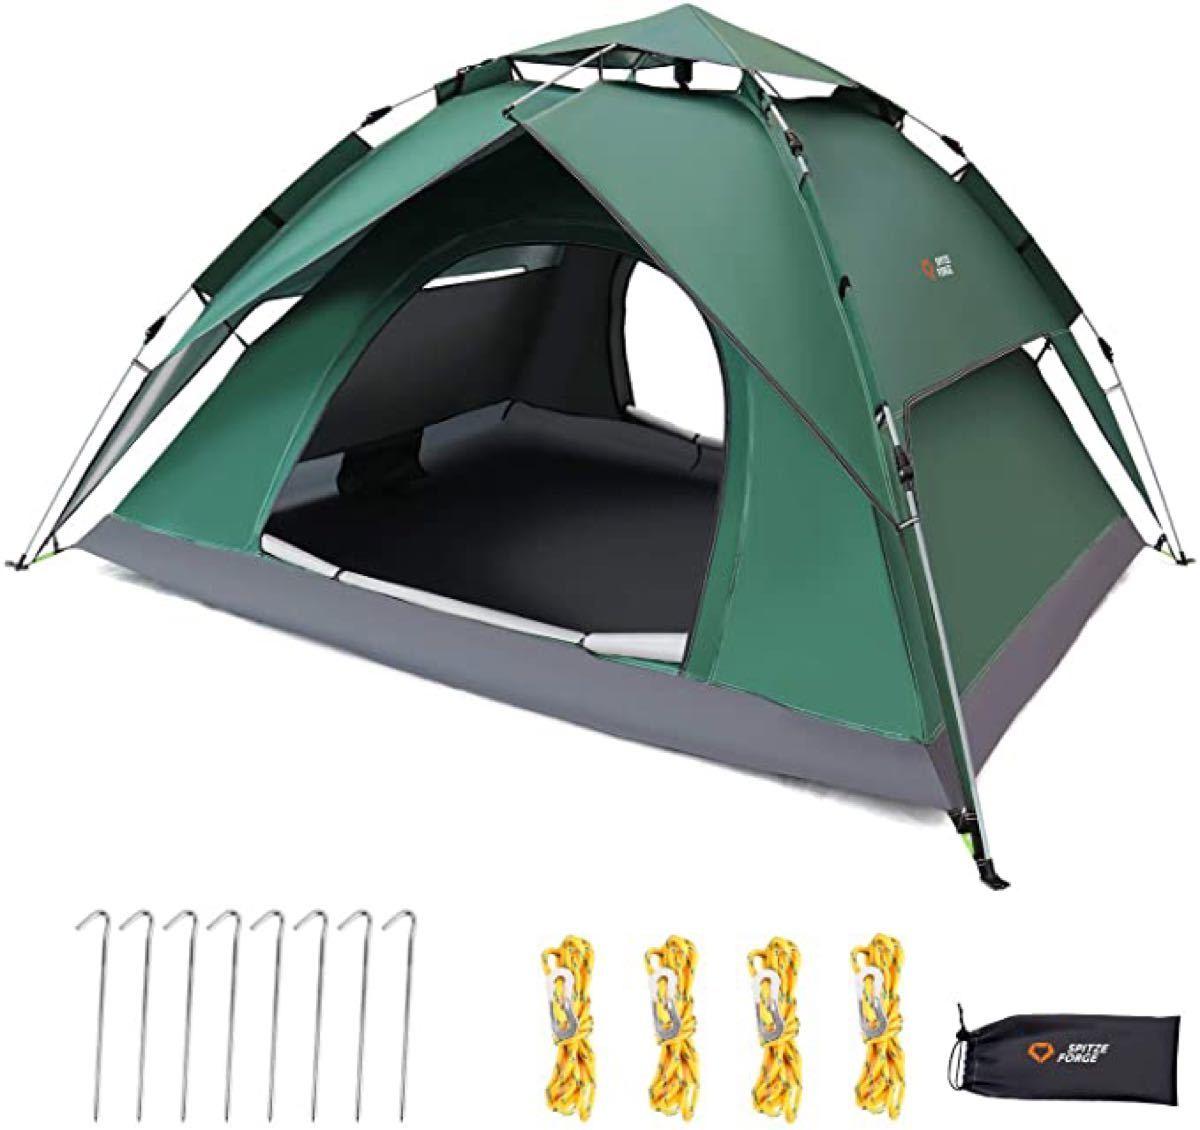 ワンタッチテント 2-3人用 2重層 キャンプ テント  サンシェード 設営簡単